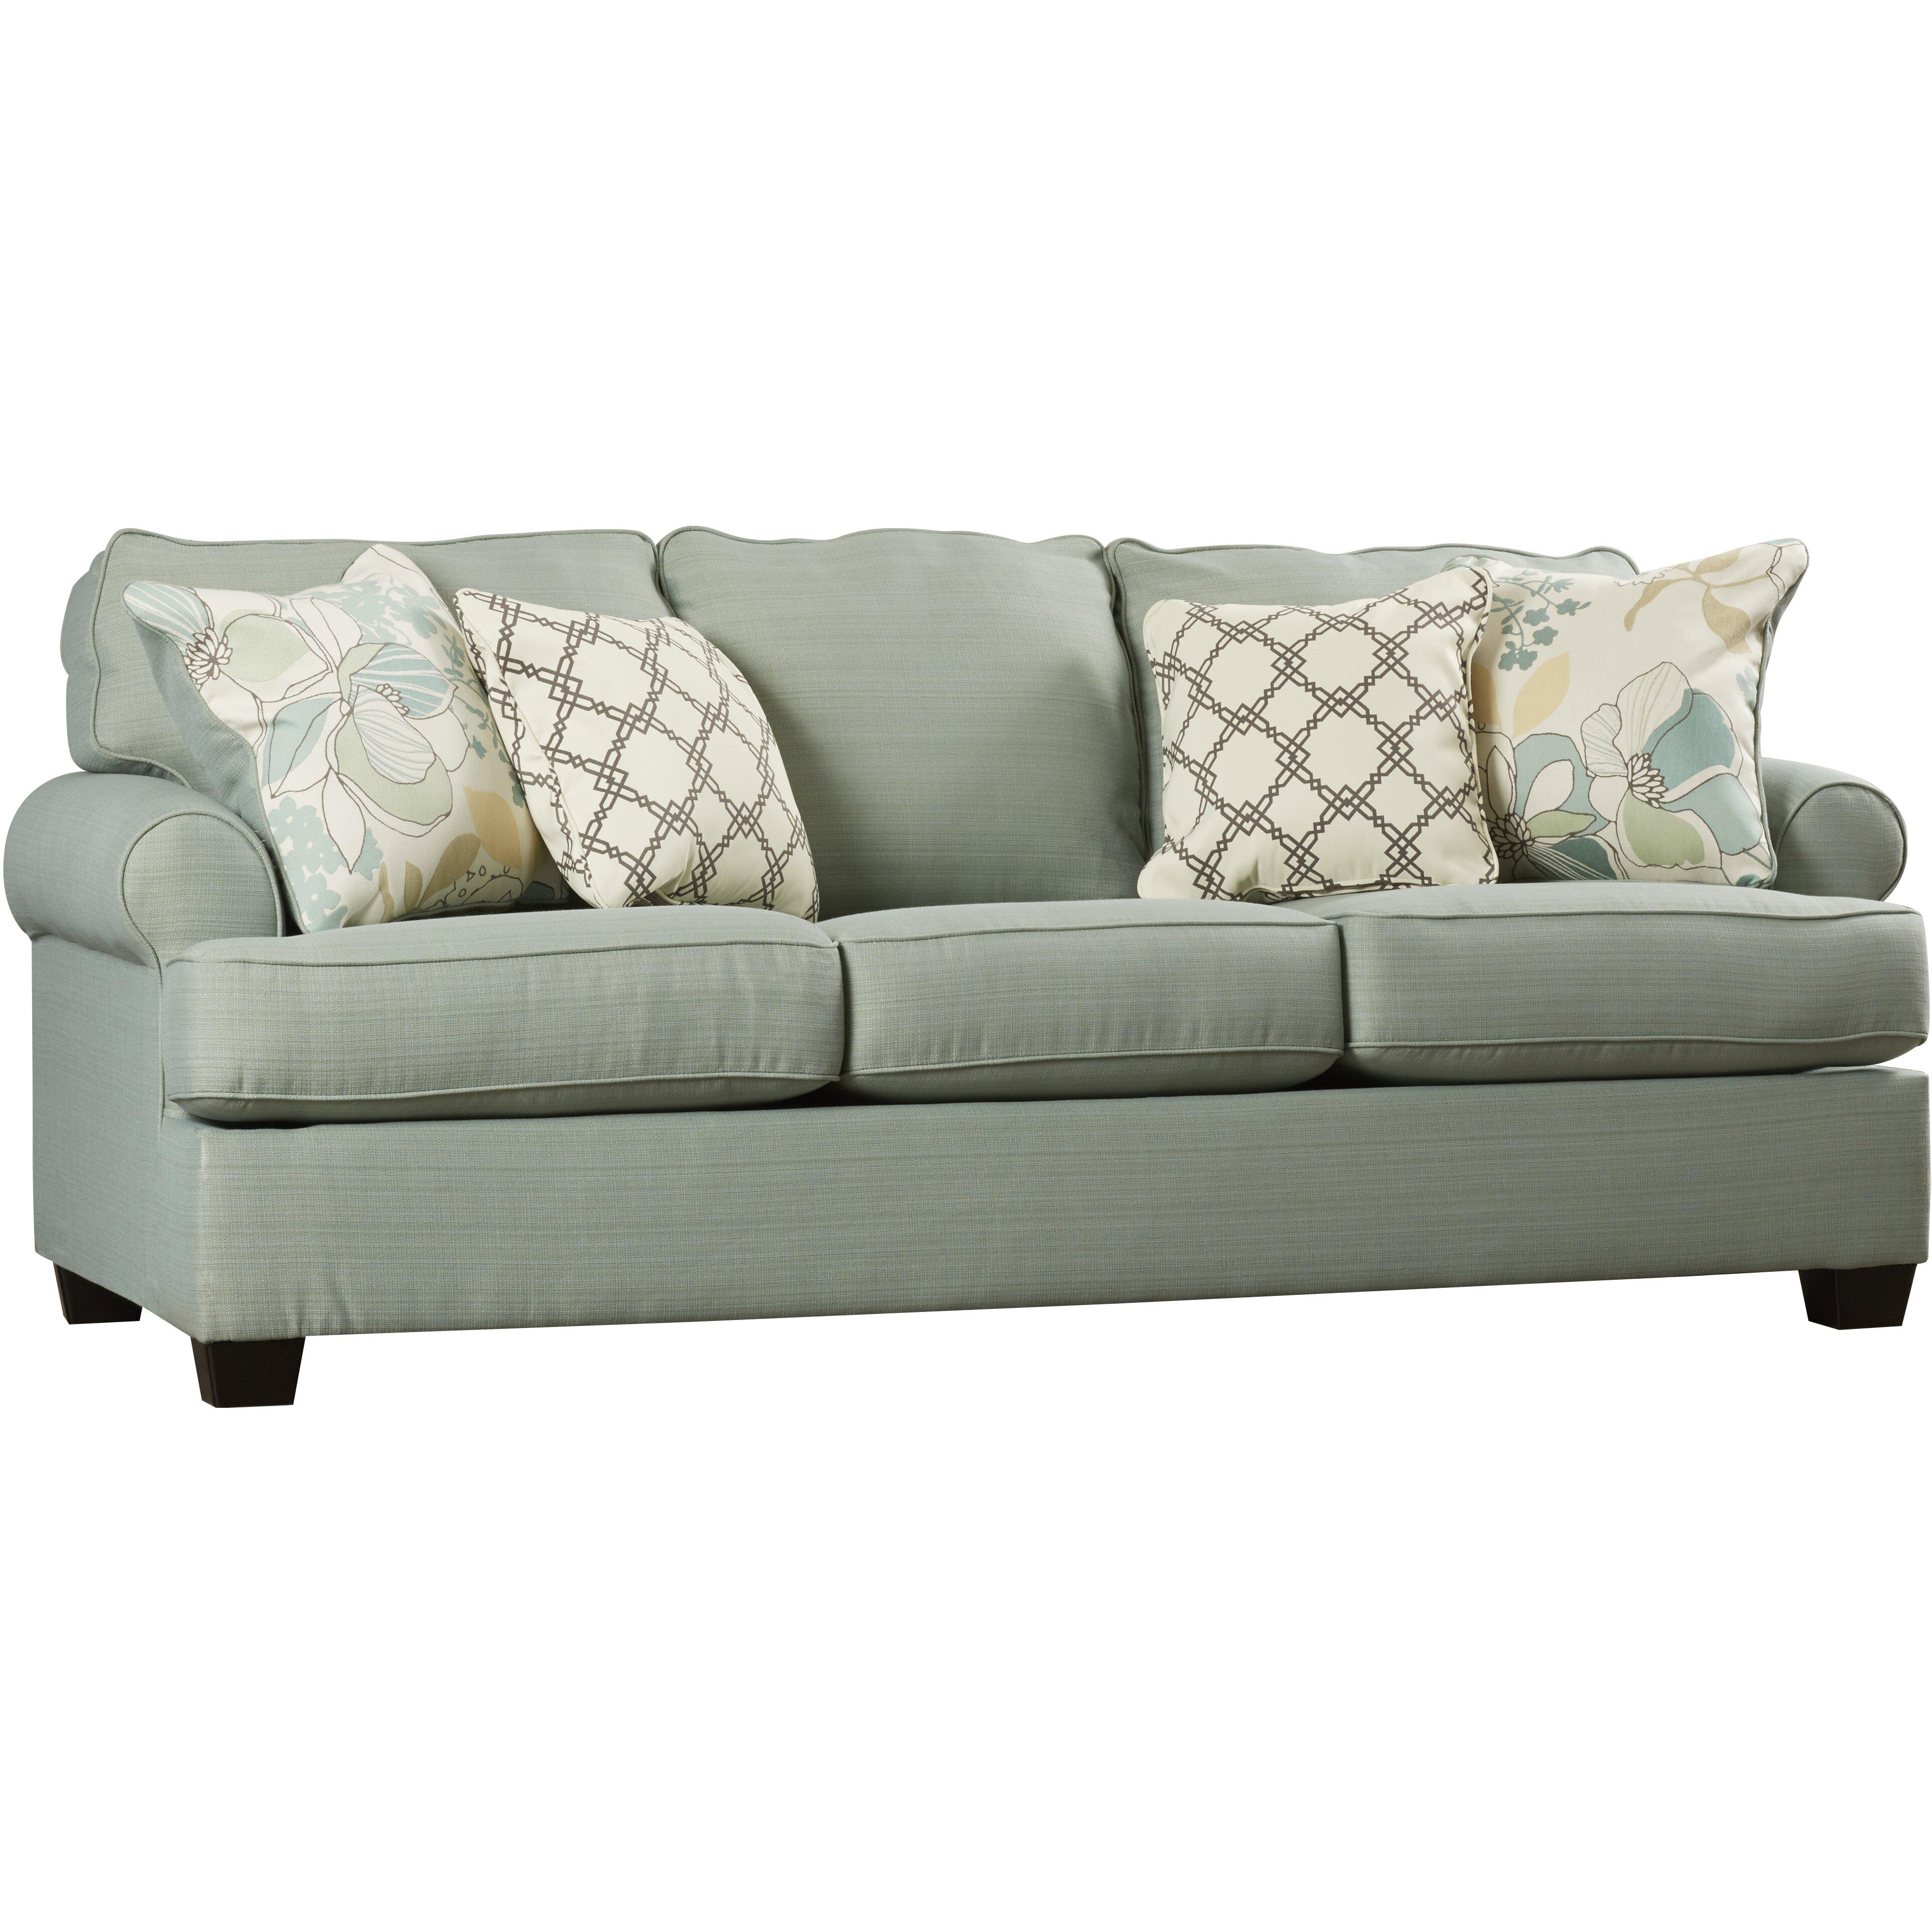 Beachcrest Home Inshore Sofa & Reviews